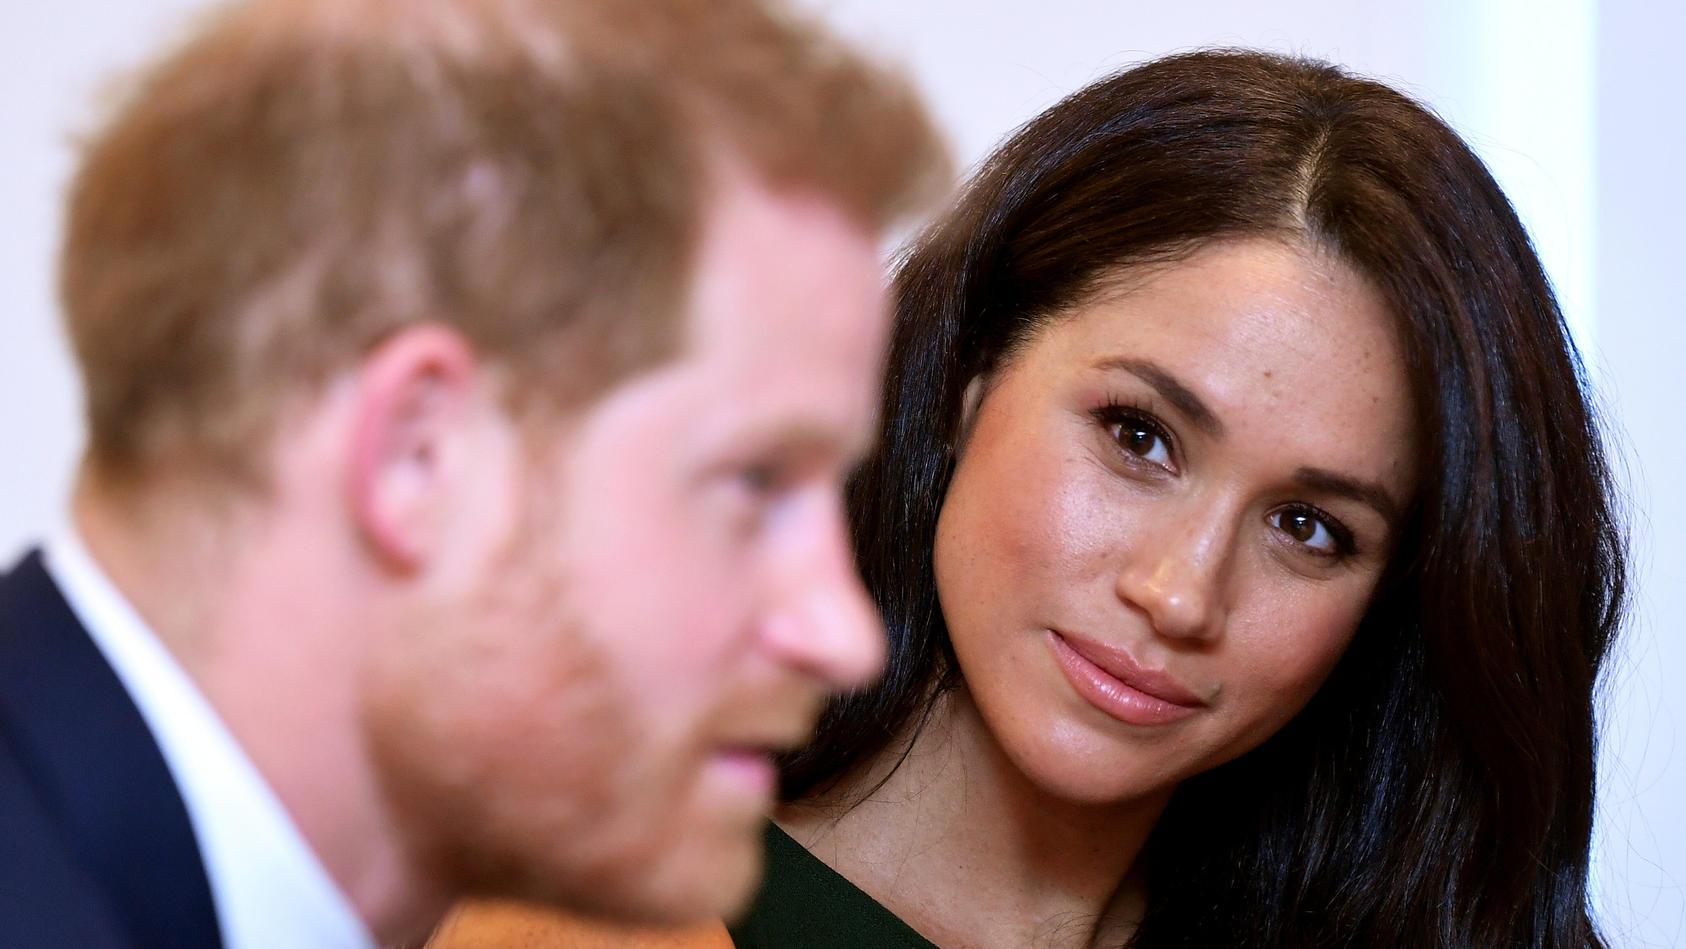 Harry und Meghans geplantes TV-Interview kommt bei vielen Briten nicht gut an.